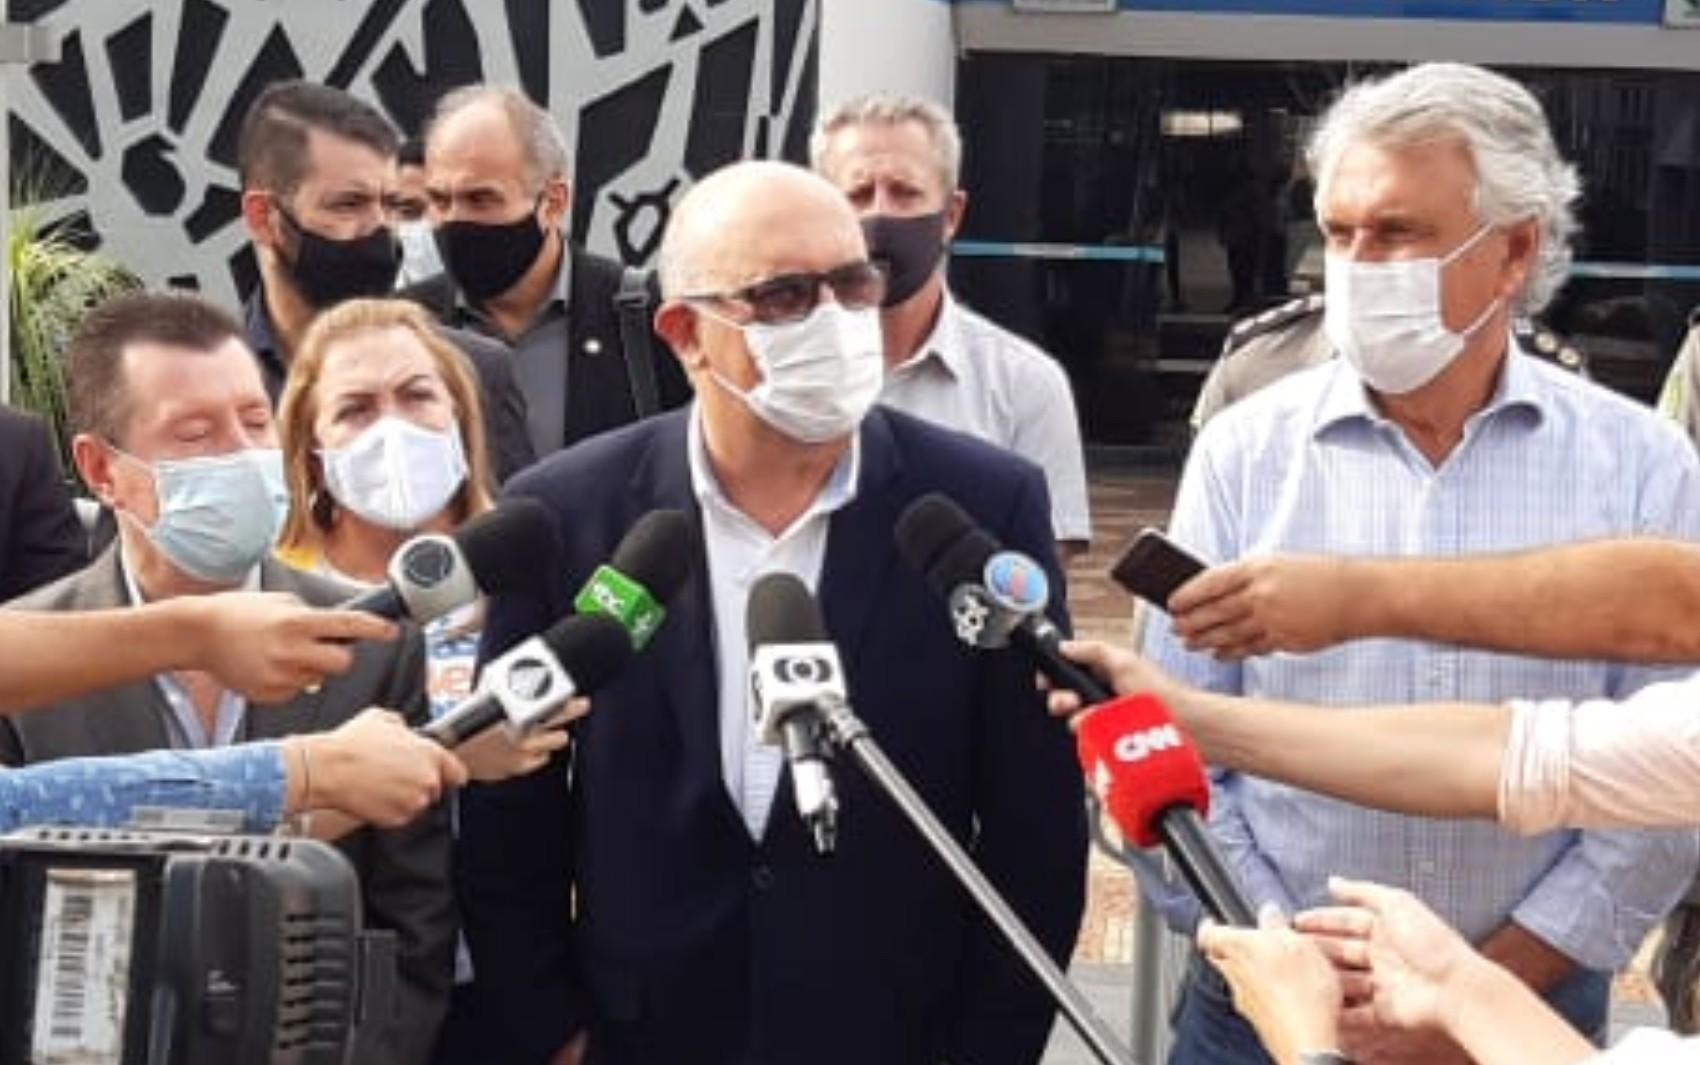 Ministro da Educação admite dificuldades na aplicação do Enem devido à pandemia: 'Alguns ruídos'